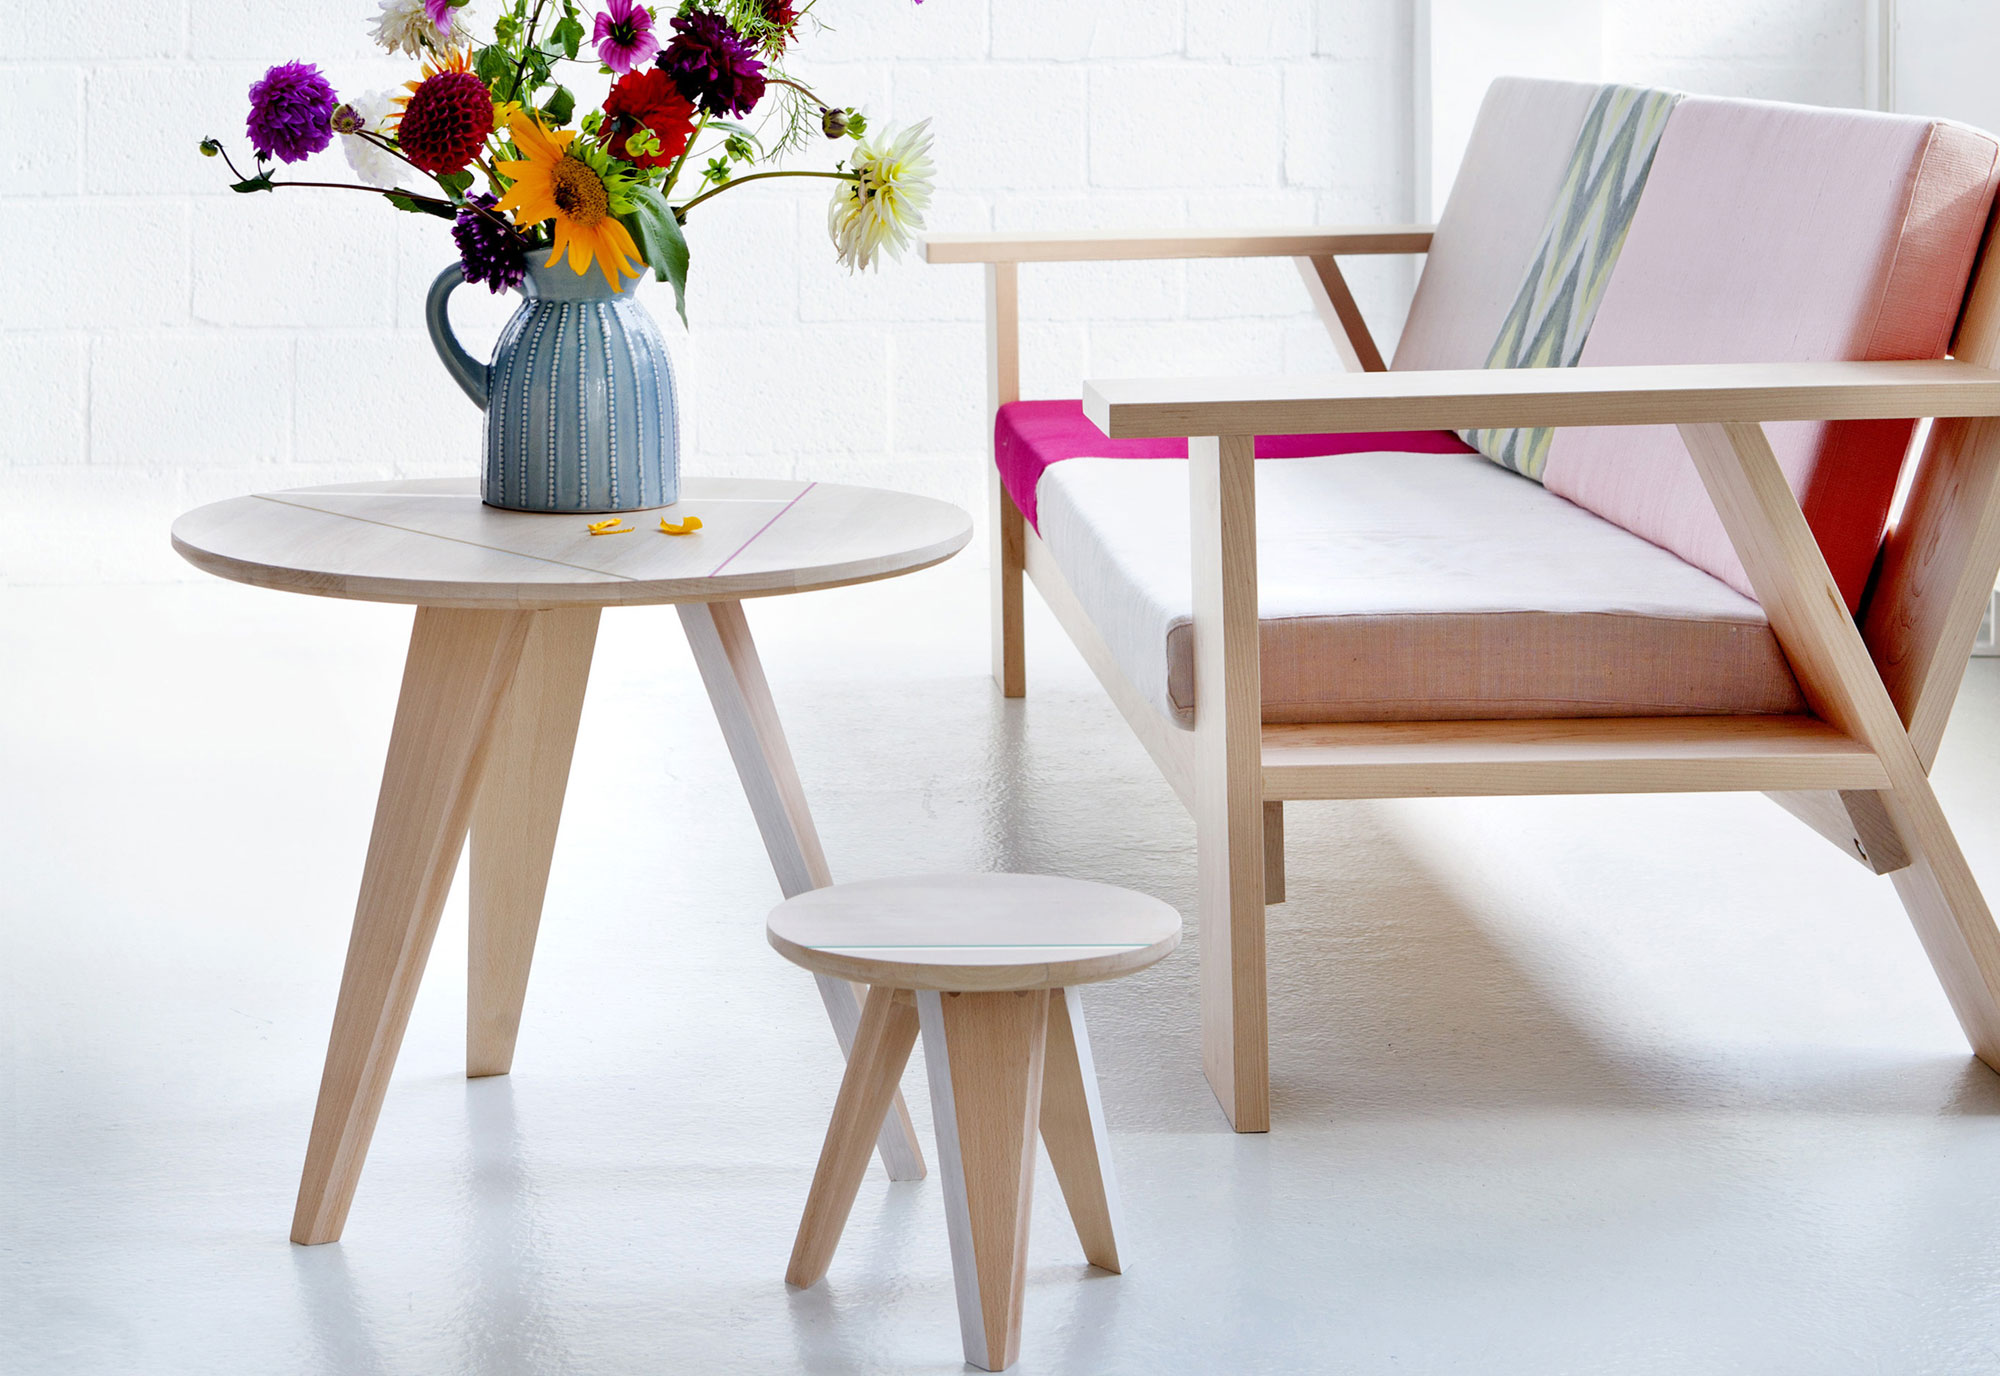 Stylen met ronde salontafels - Studio Roof